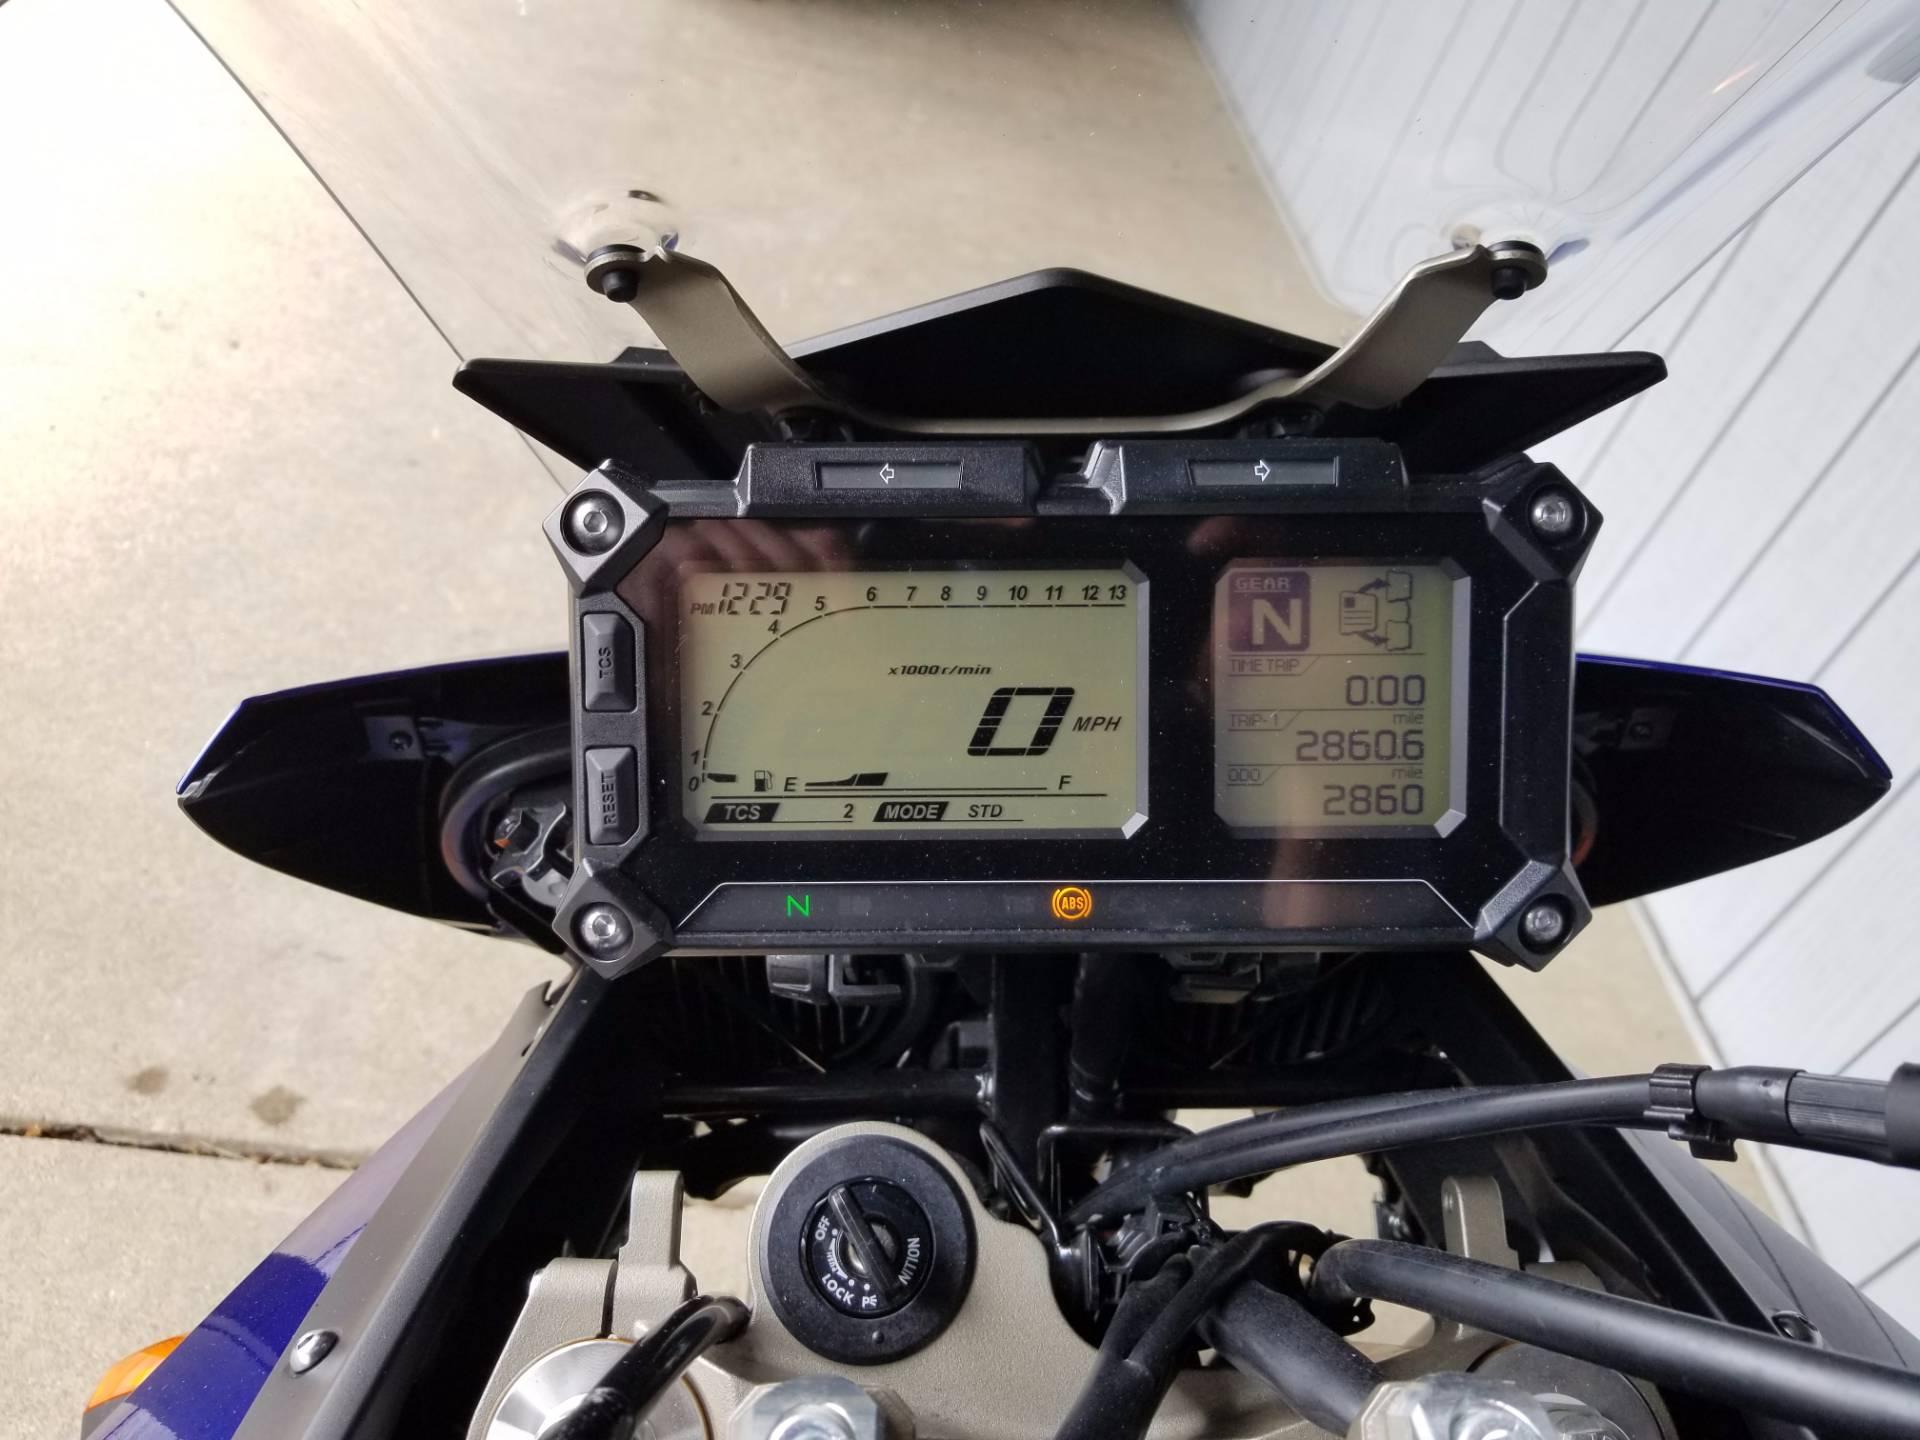 2017 Yamaha FJ-09 10